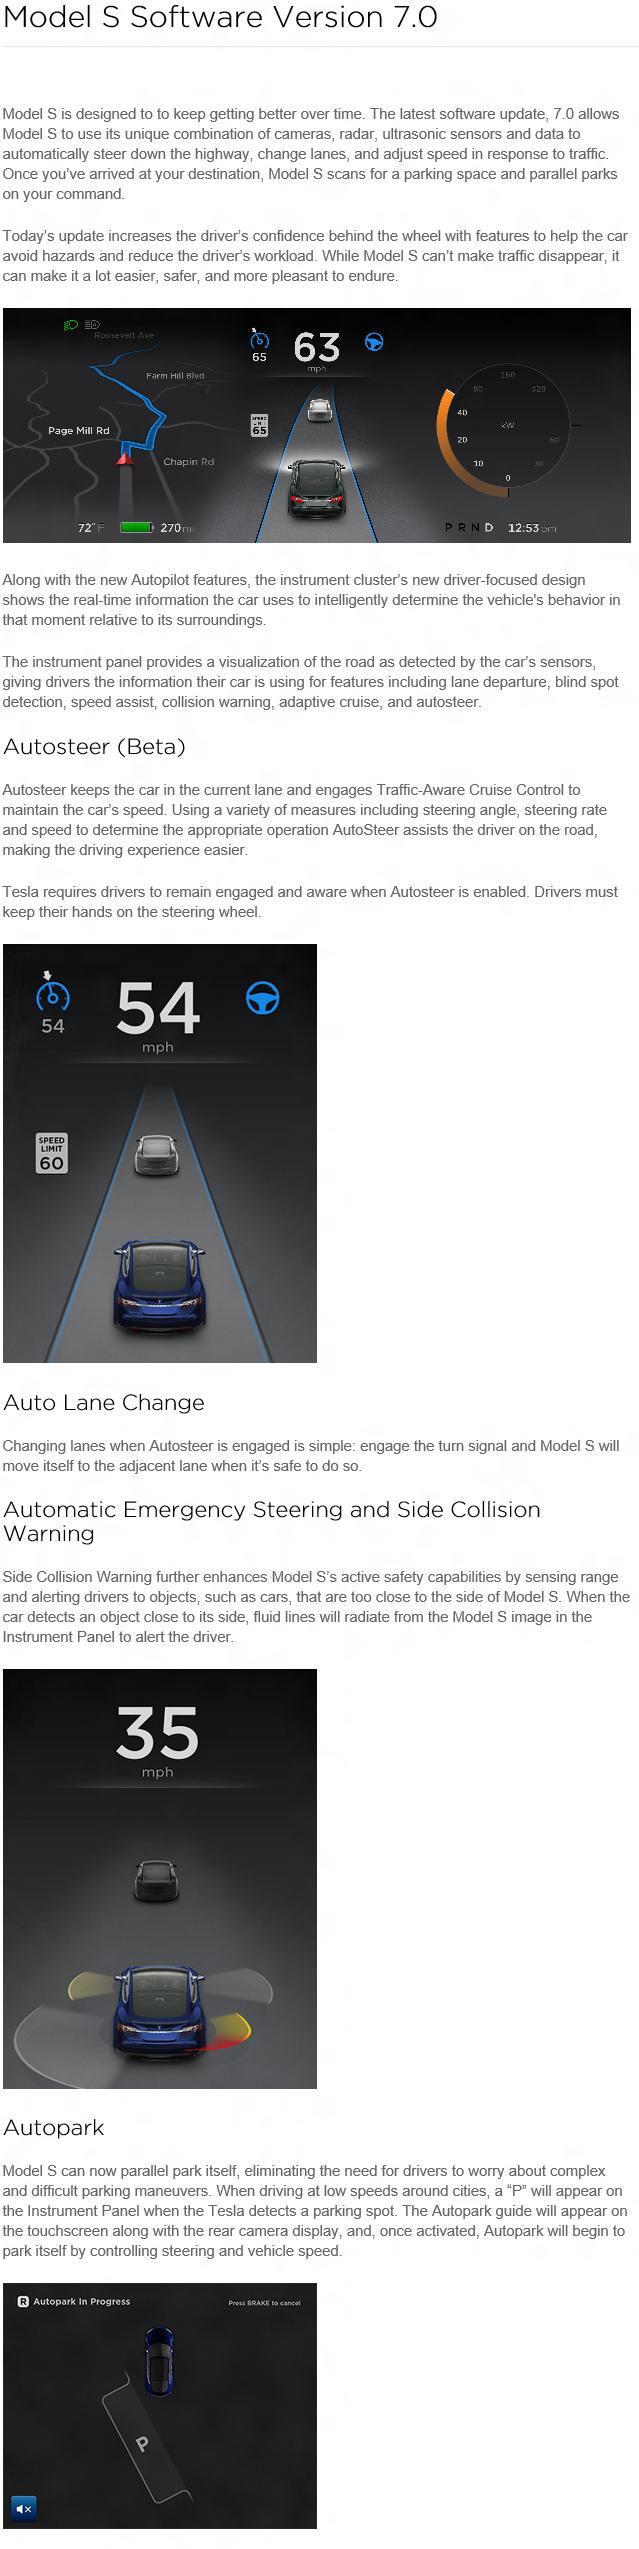 Tesla-Autopilot-Presskit-Version-7-0